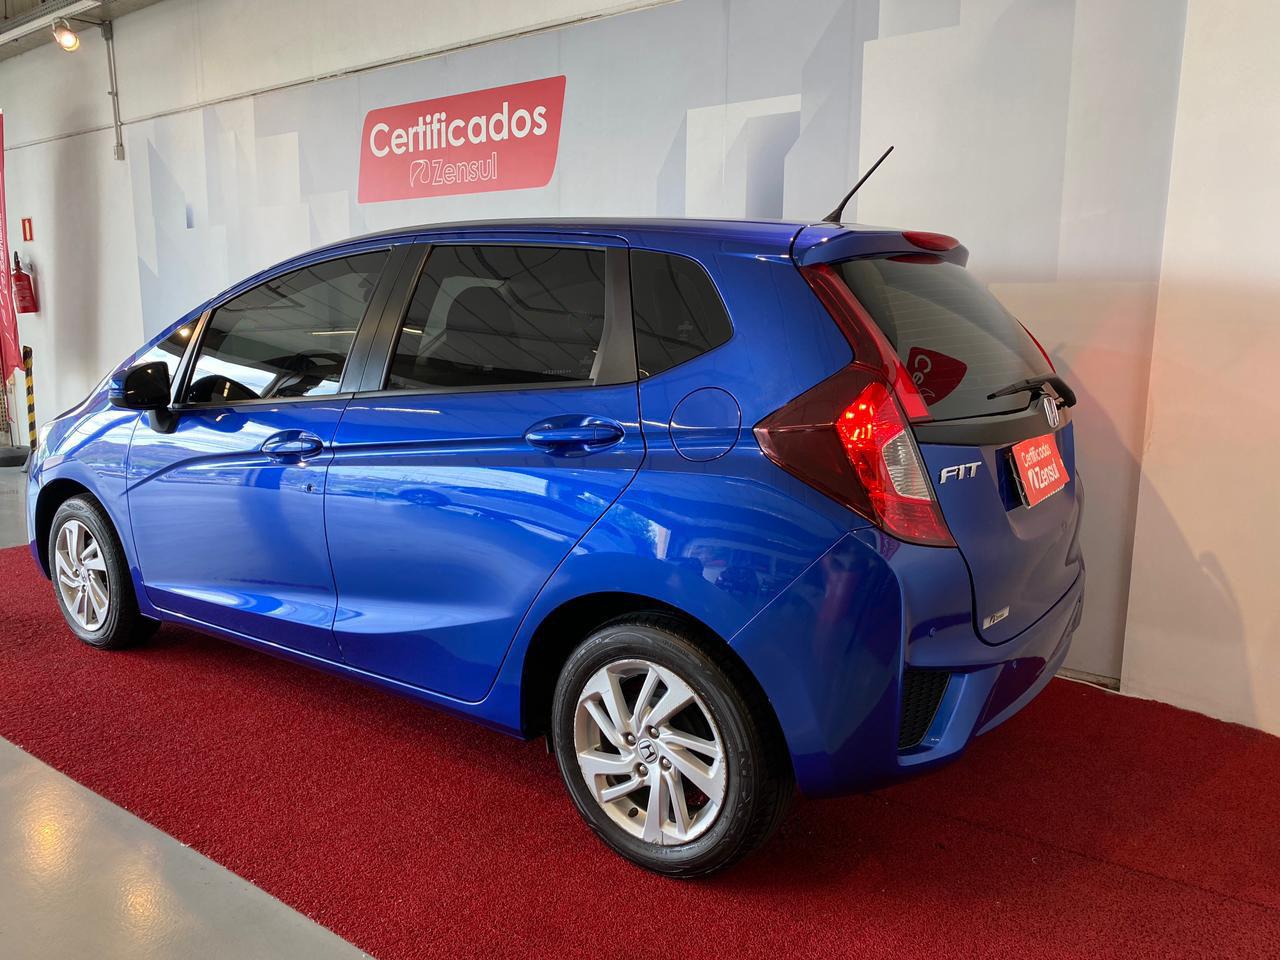 Comprar seminovo Honda Fit LX 1.5 Flexone 16V 5p Aut. no Certificados Zensul